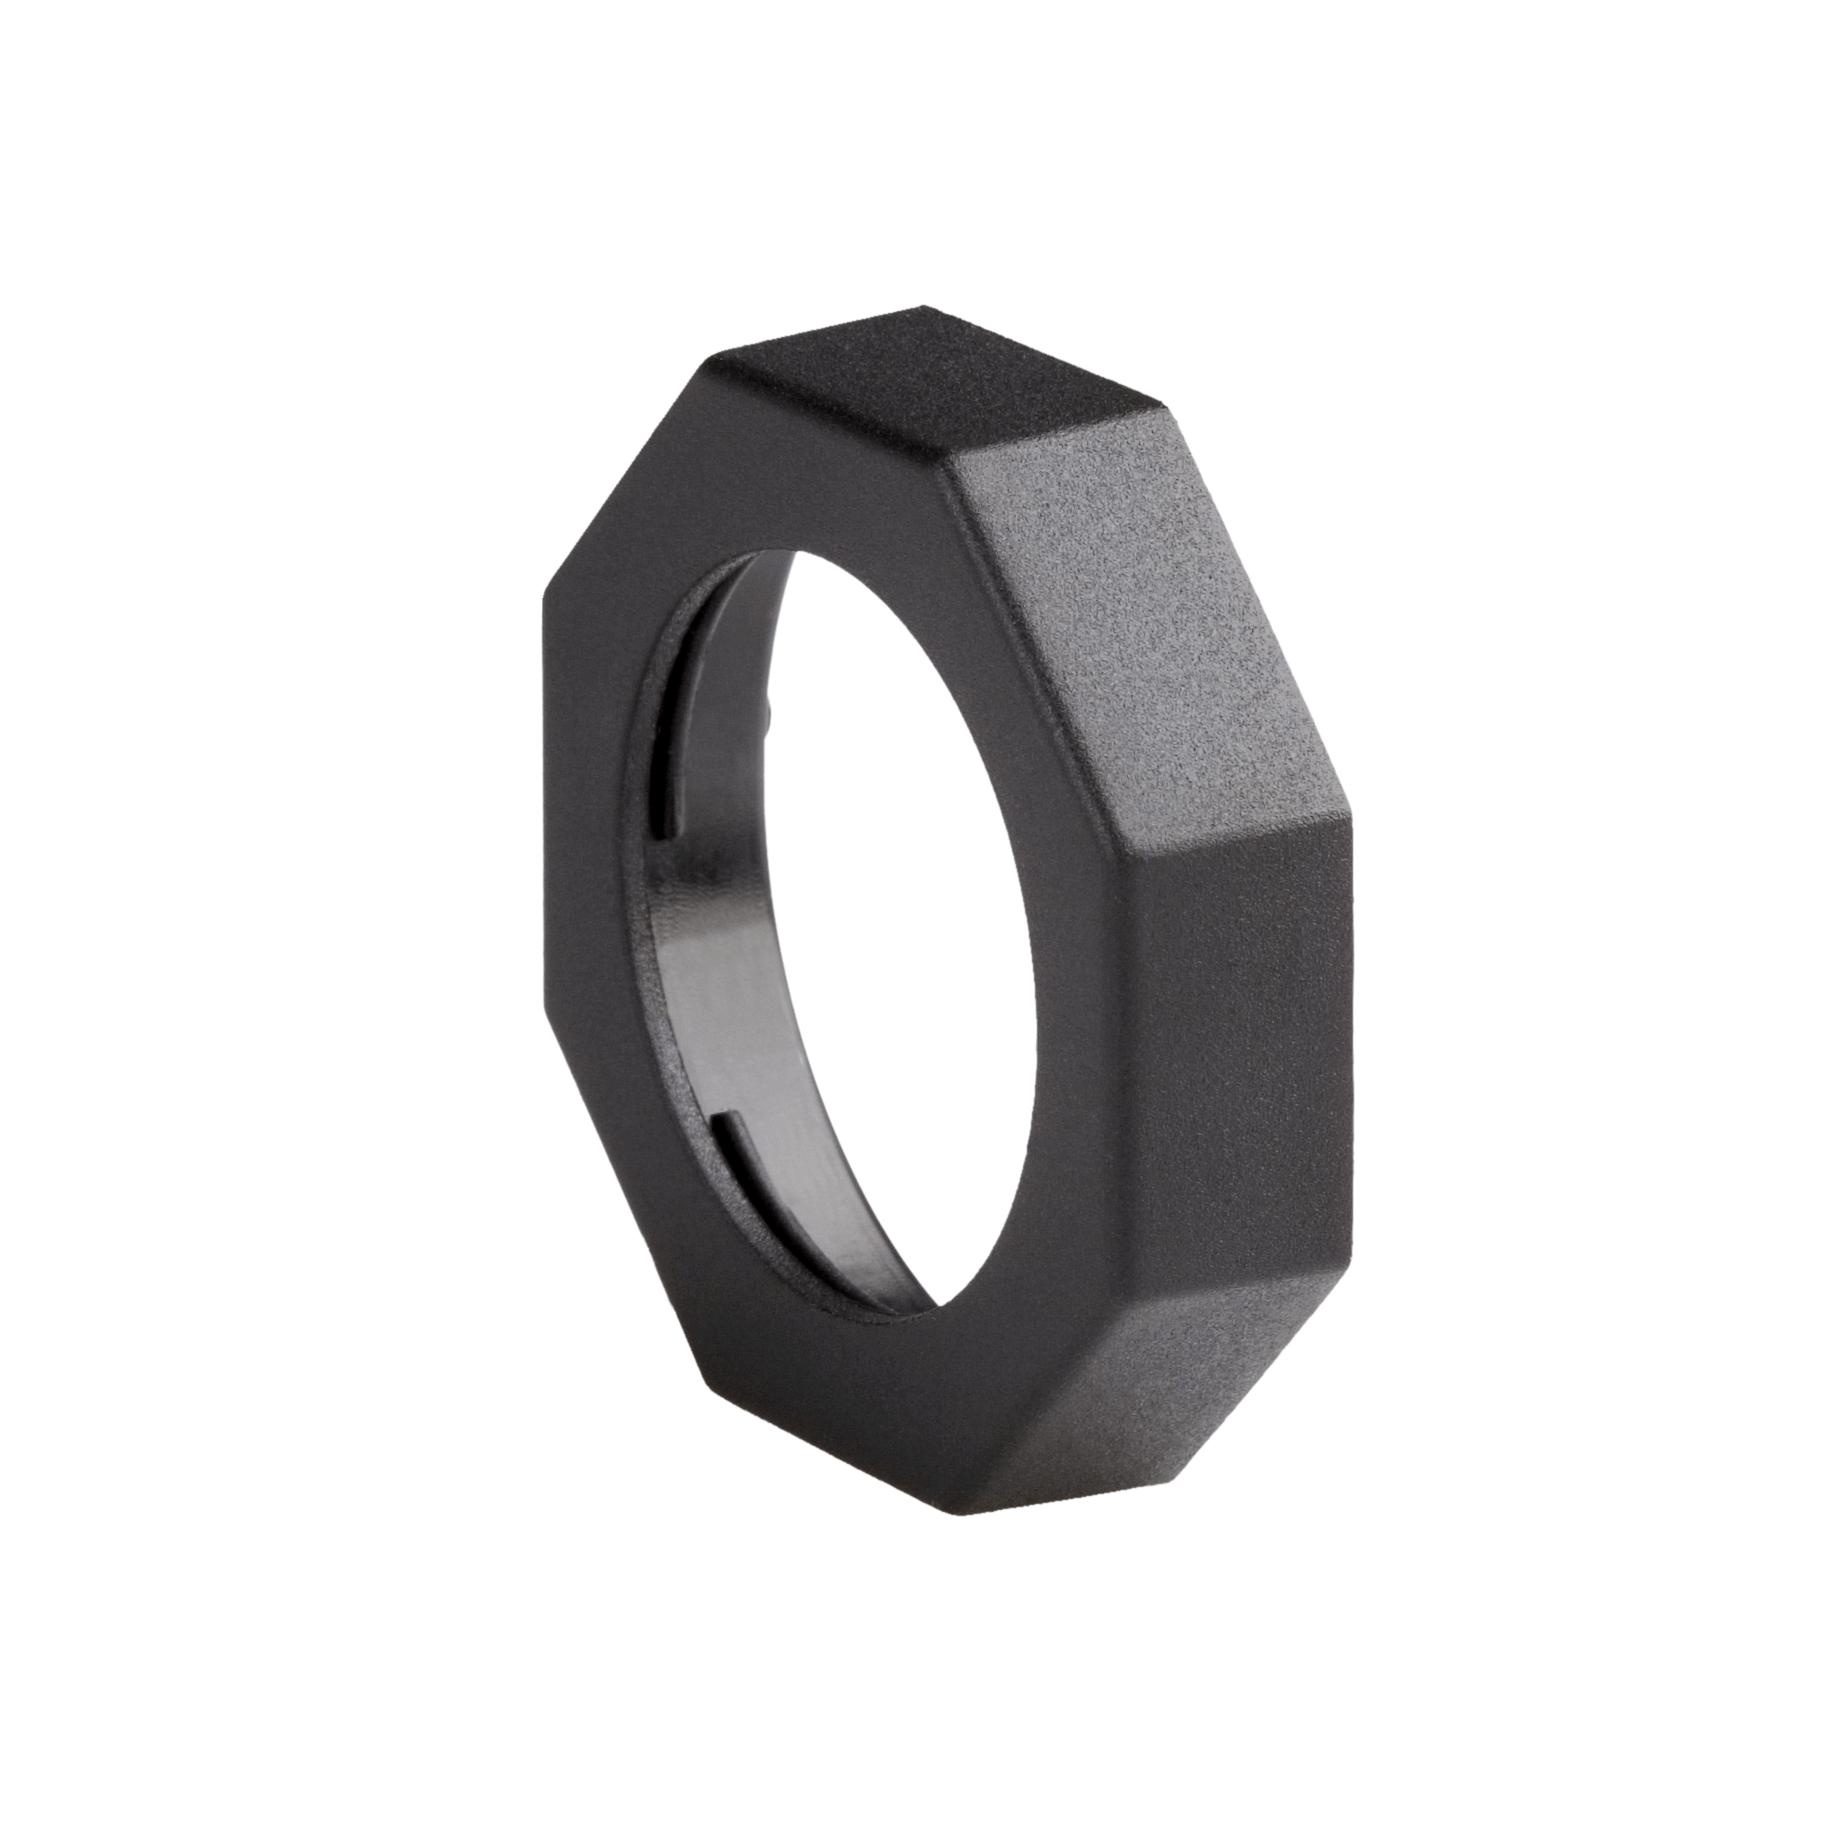 Ledlenser Anti-roll rubber B7.2, L7, L7E, M7, M7R, M7R.2, M7RX, MT7, M8.2, P7.2, P7R, P7QC, T7M, T7.2